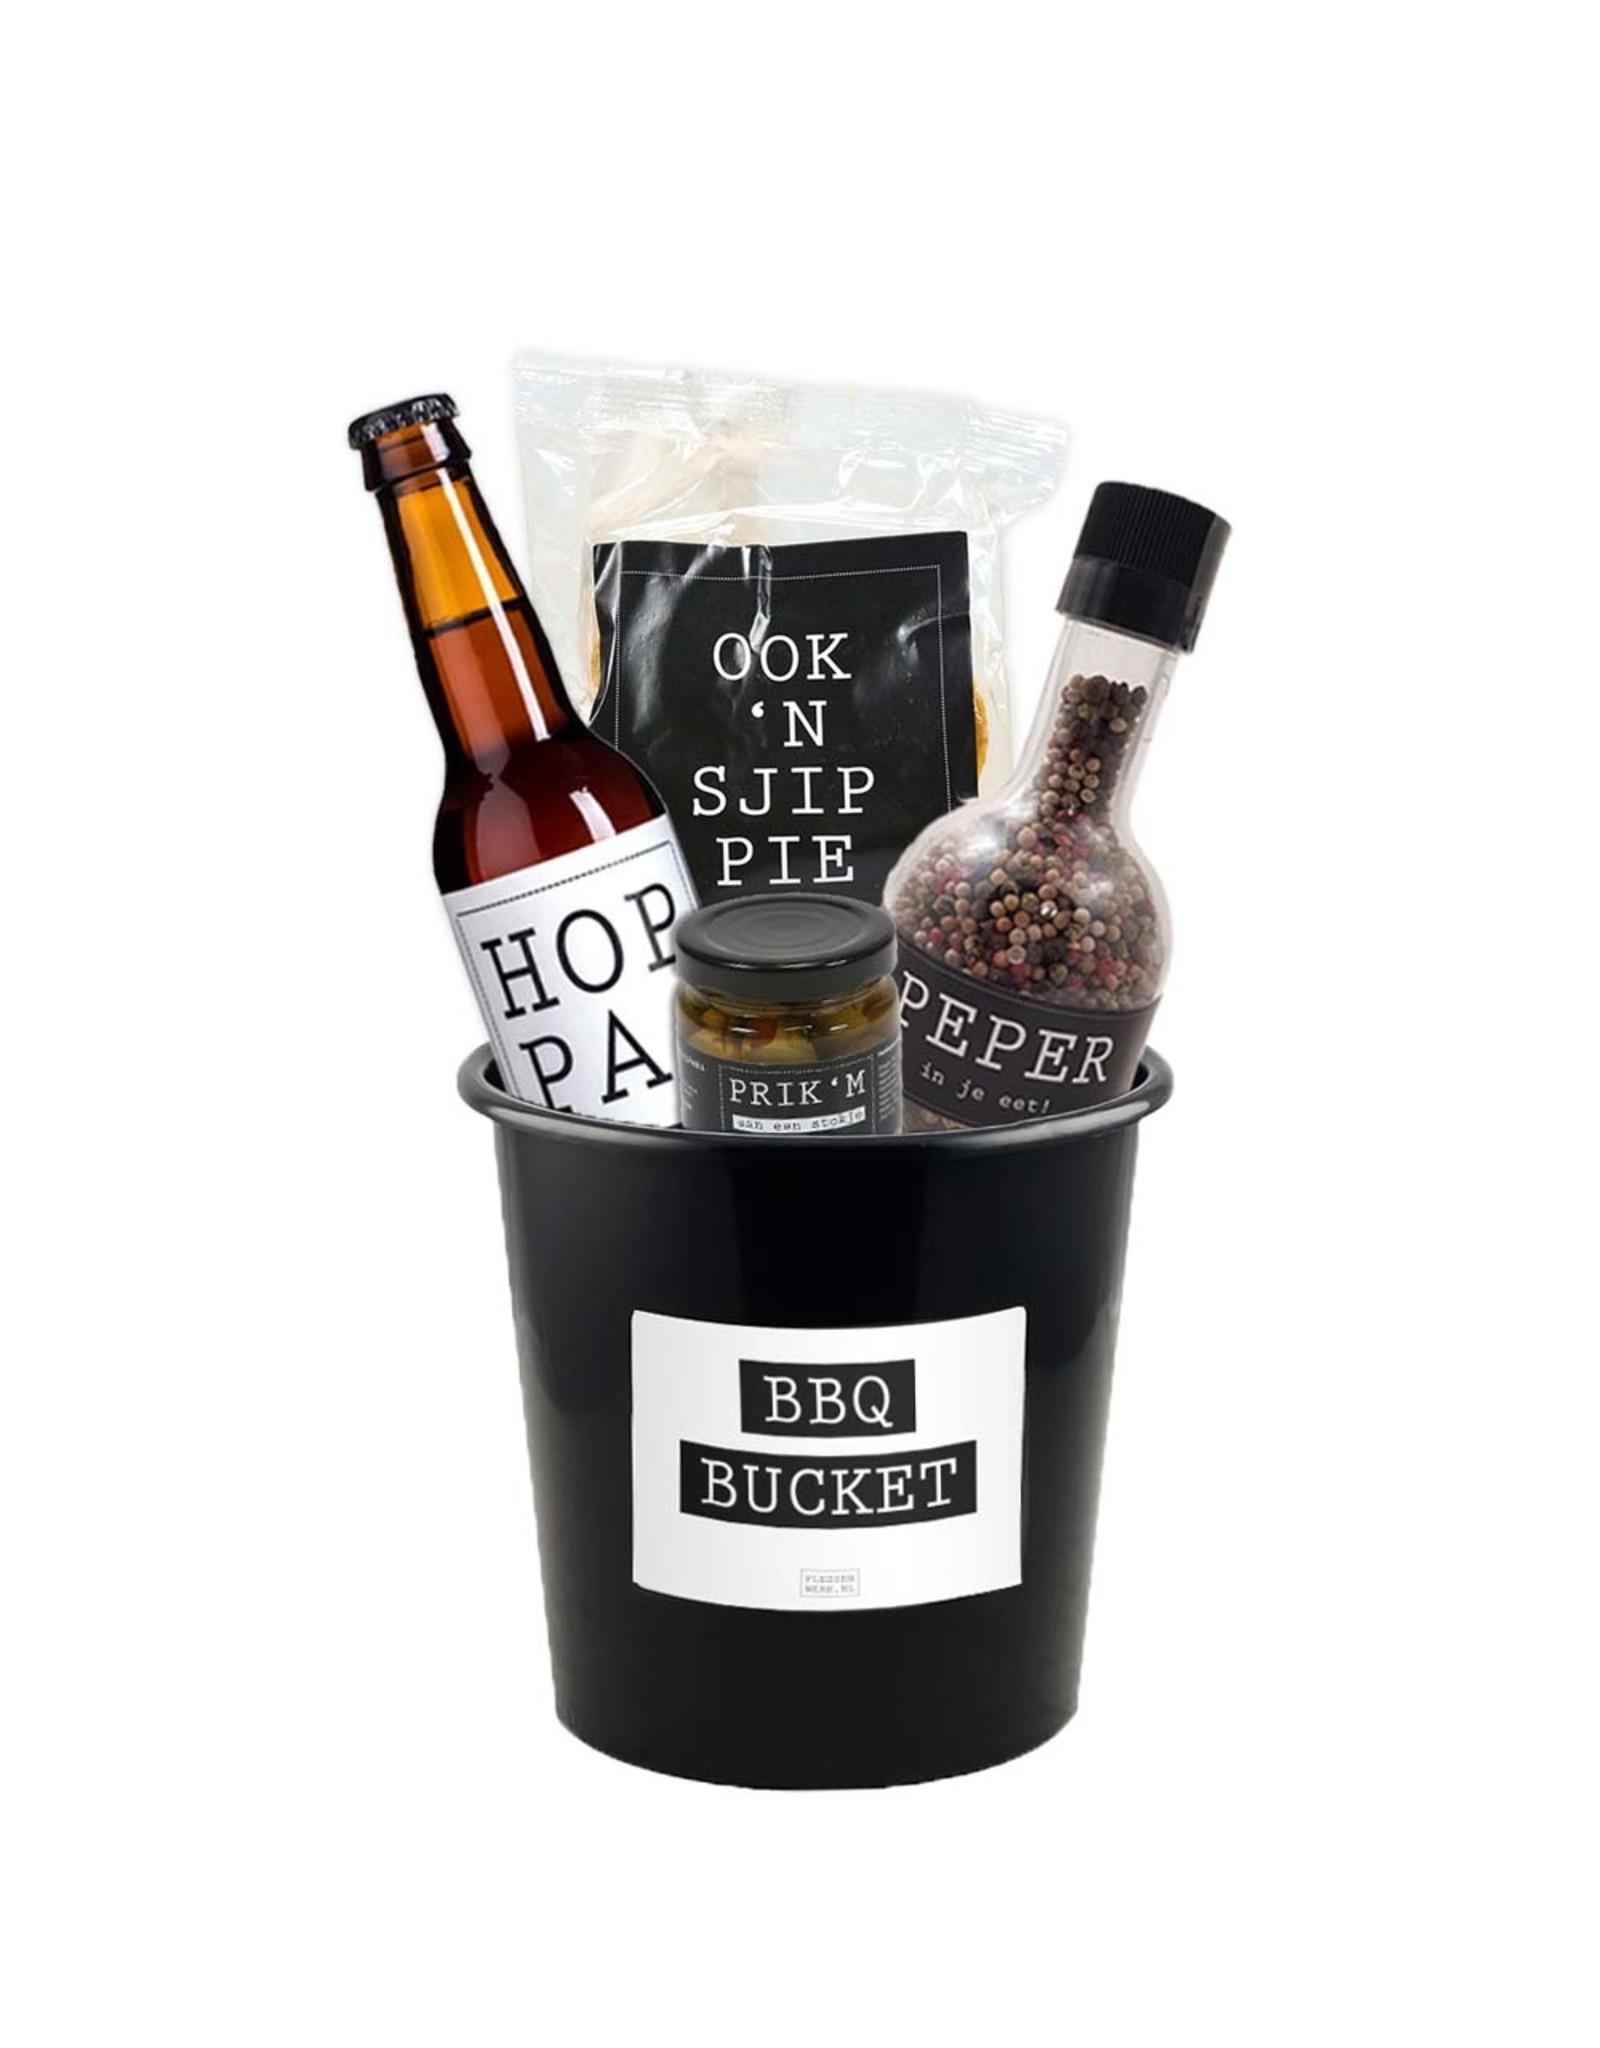 BBQ-bucket - groot (8 liter) - per 12